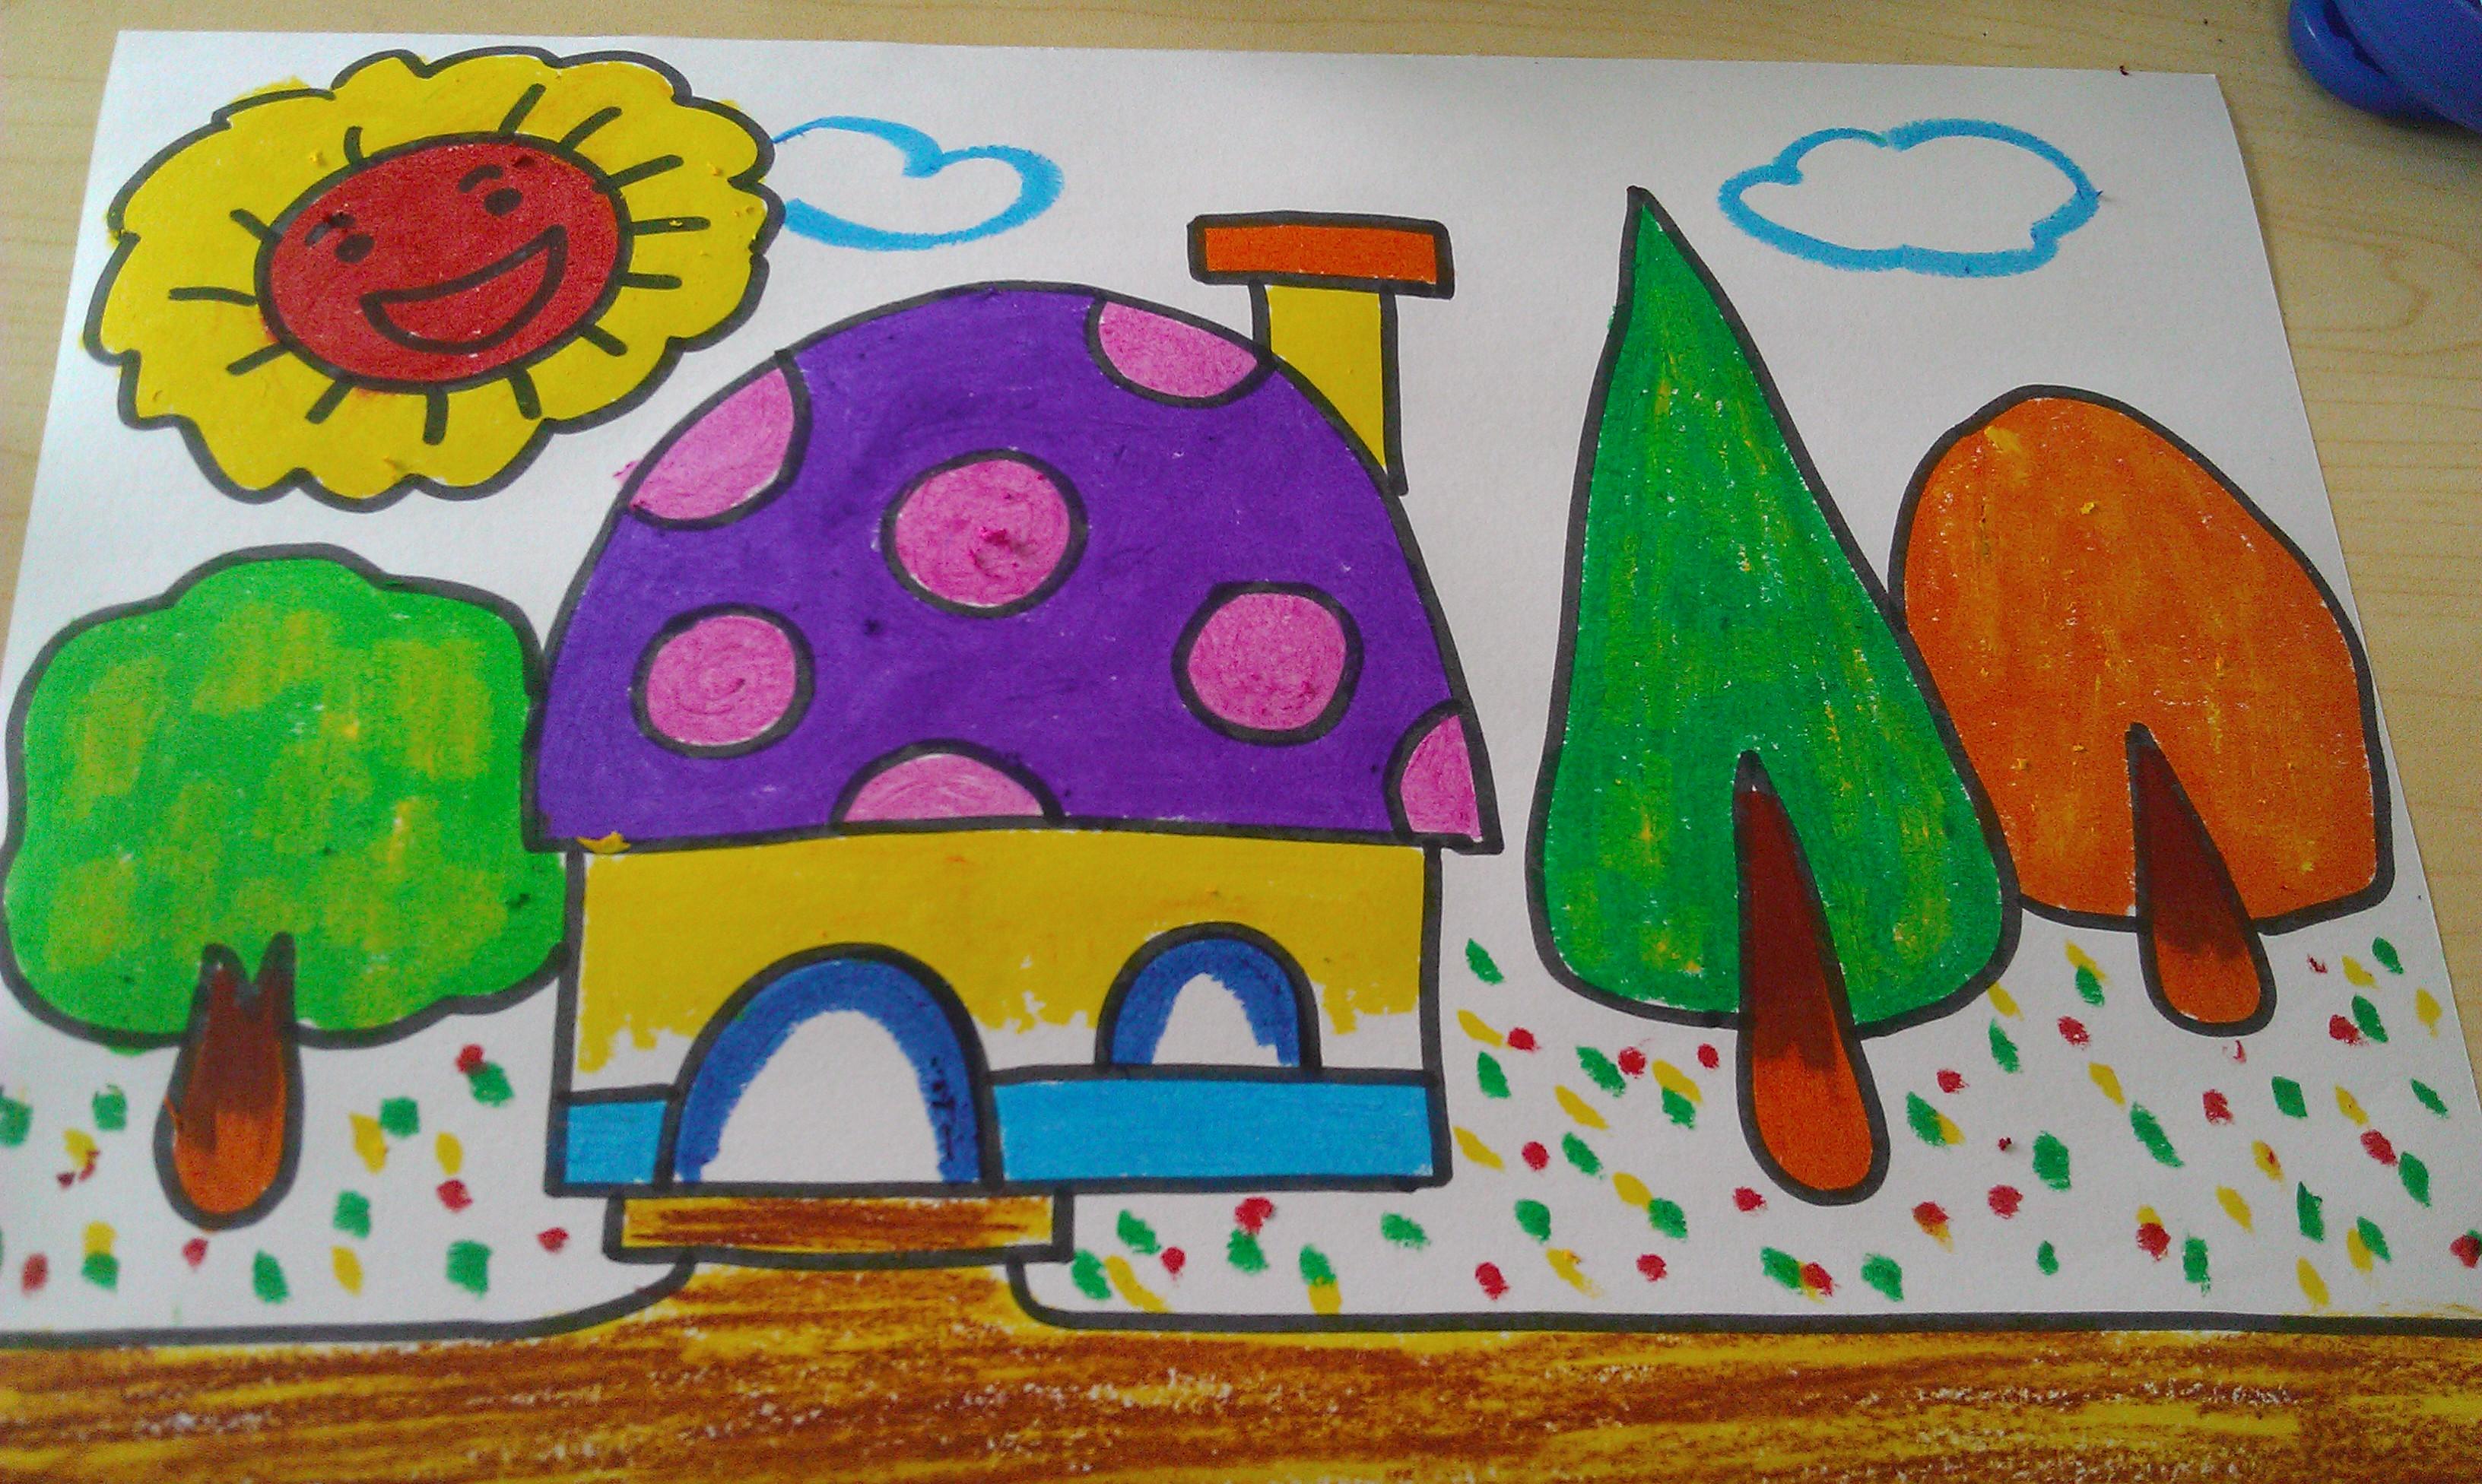 幼儿园画画图片人物房子